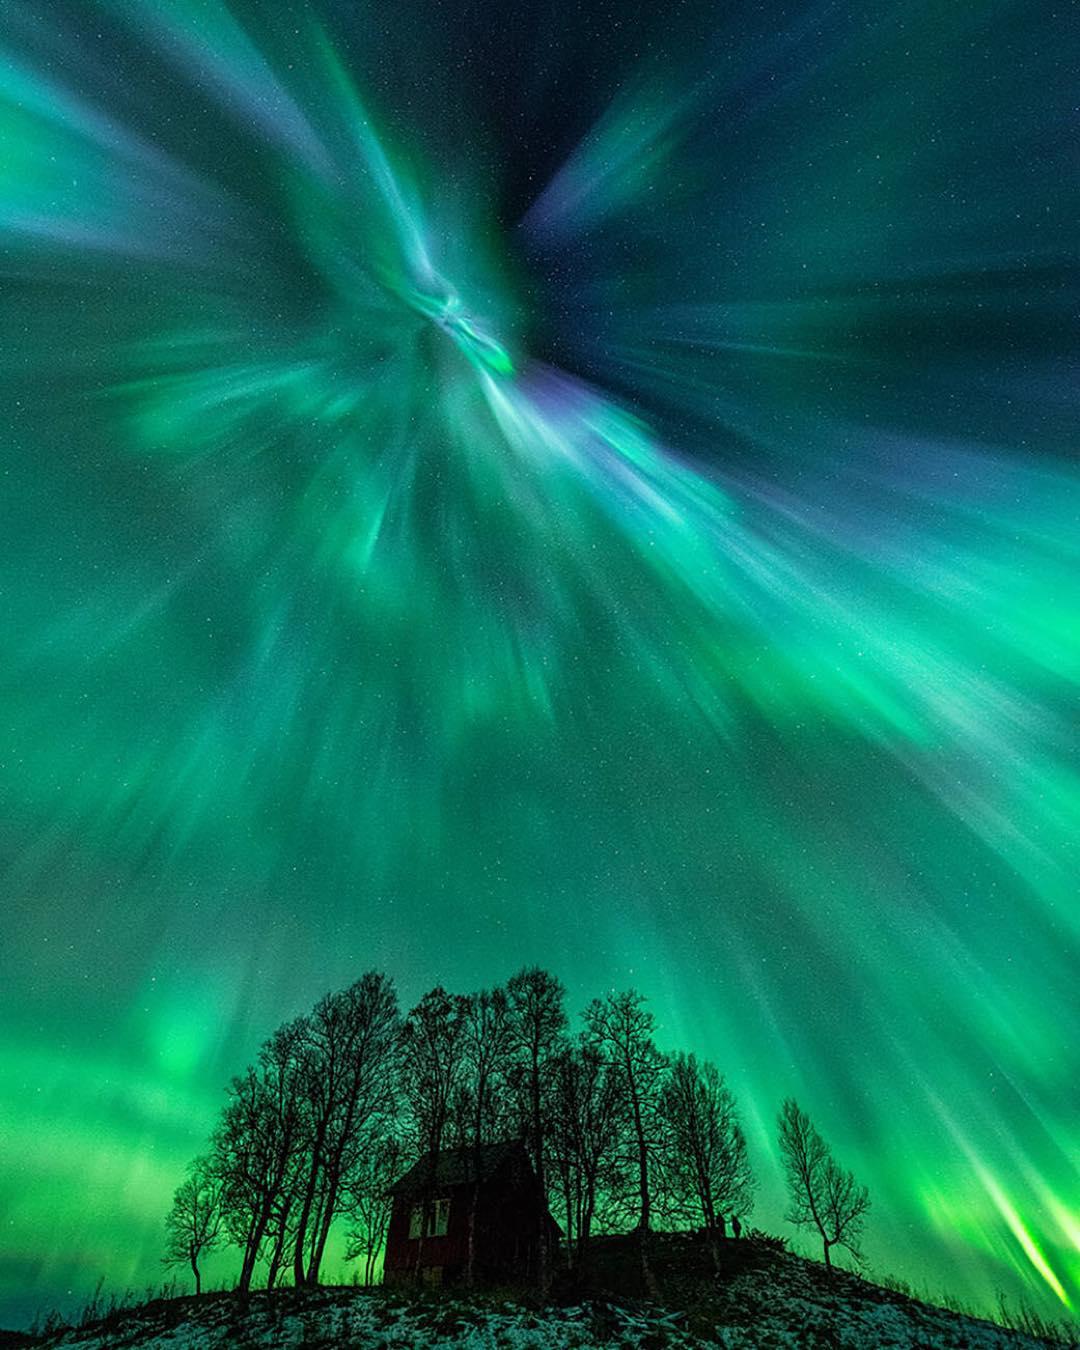 Аурора бореалис над Норвешка